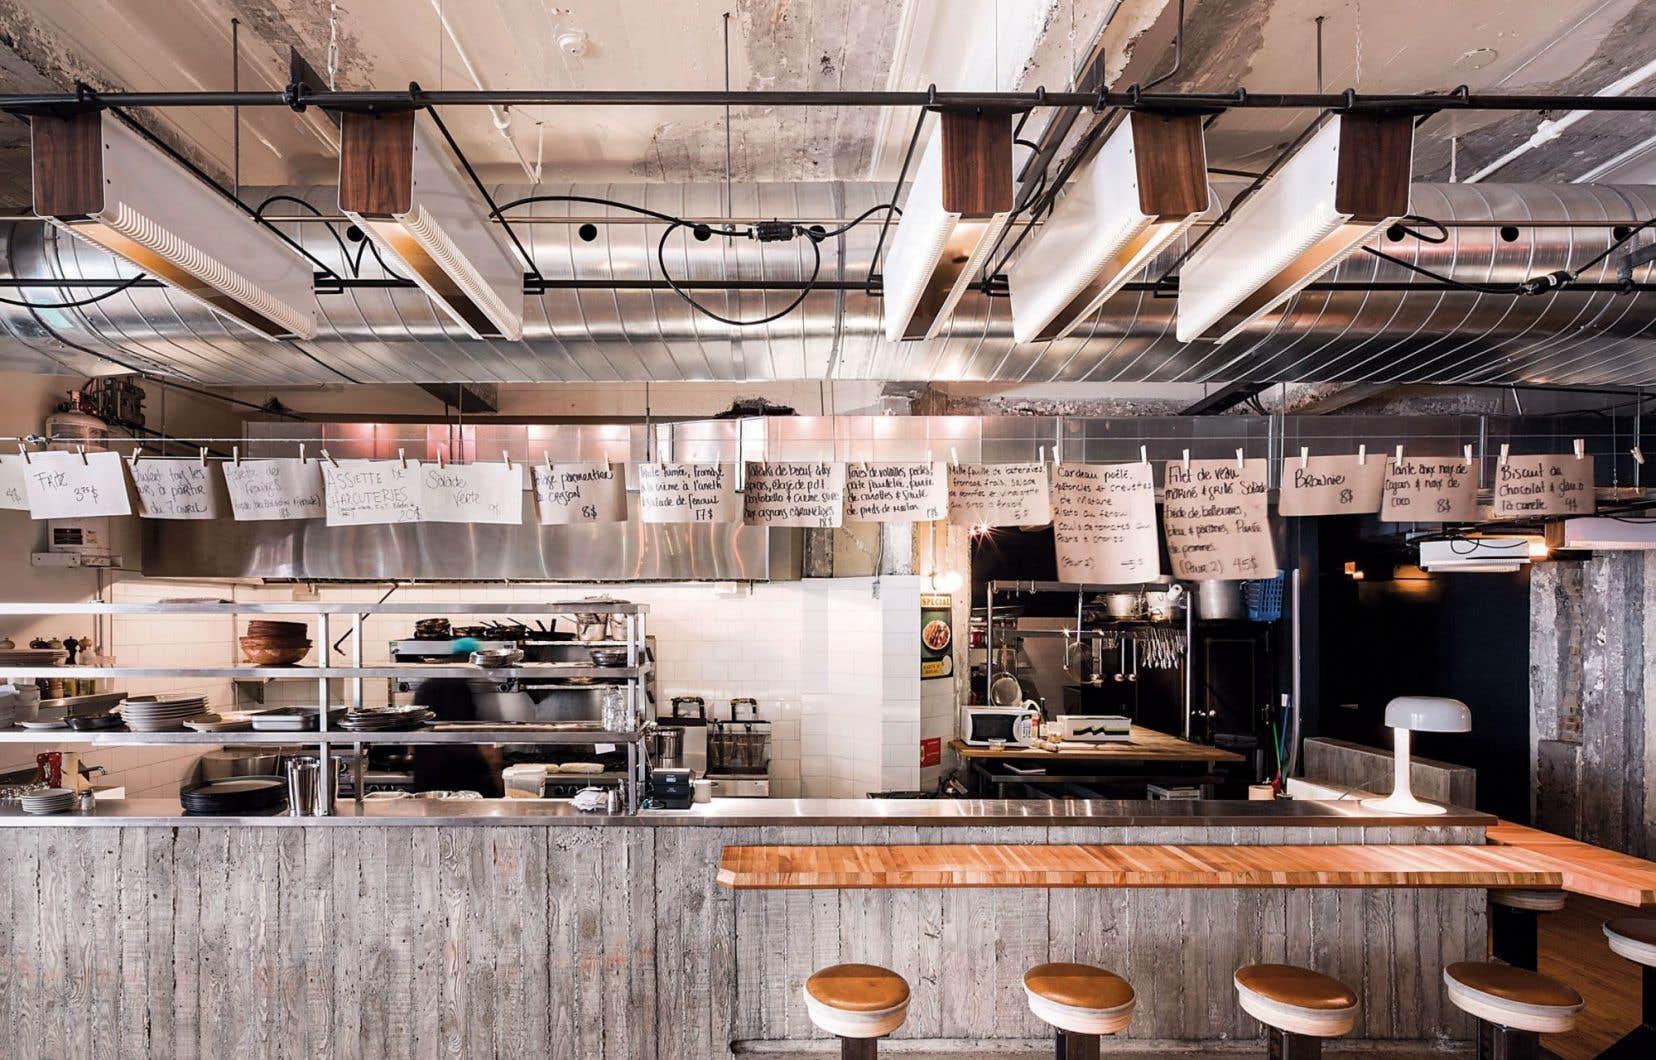 Au nombre des grands gagnants du dernier gala des prix Commerce Design Montréal, Zébulon Perron est reparti avec quatre prix pour le bar Furco (photo), la boulangerie Hof Kelsten, les restaurants Le Rosemont et Impasto.